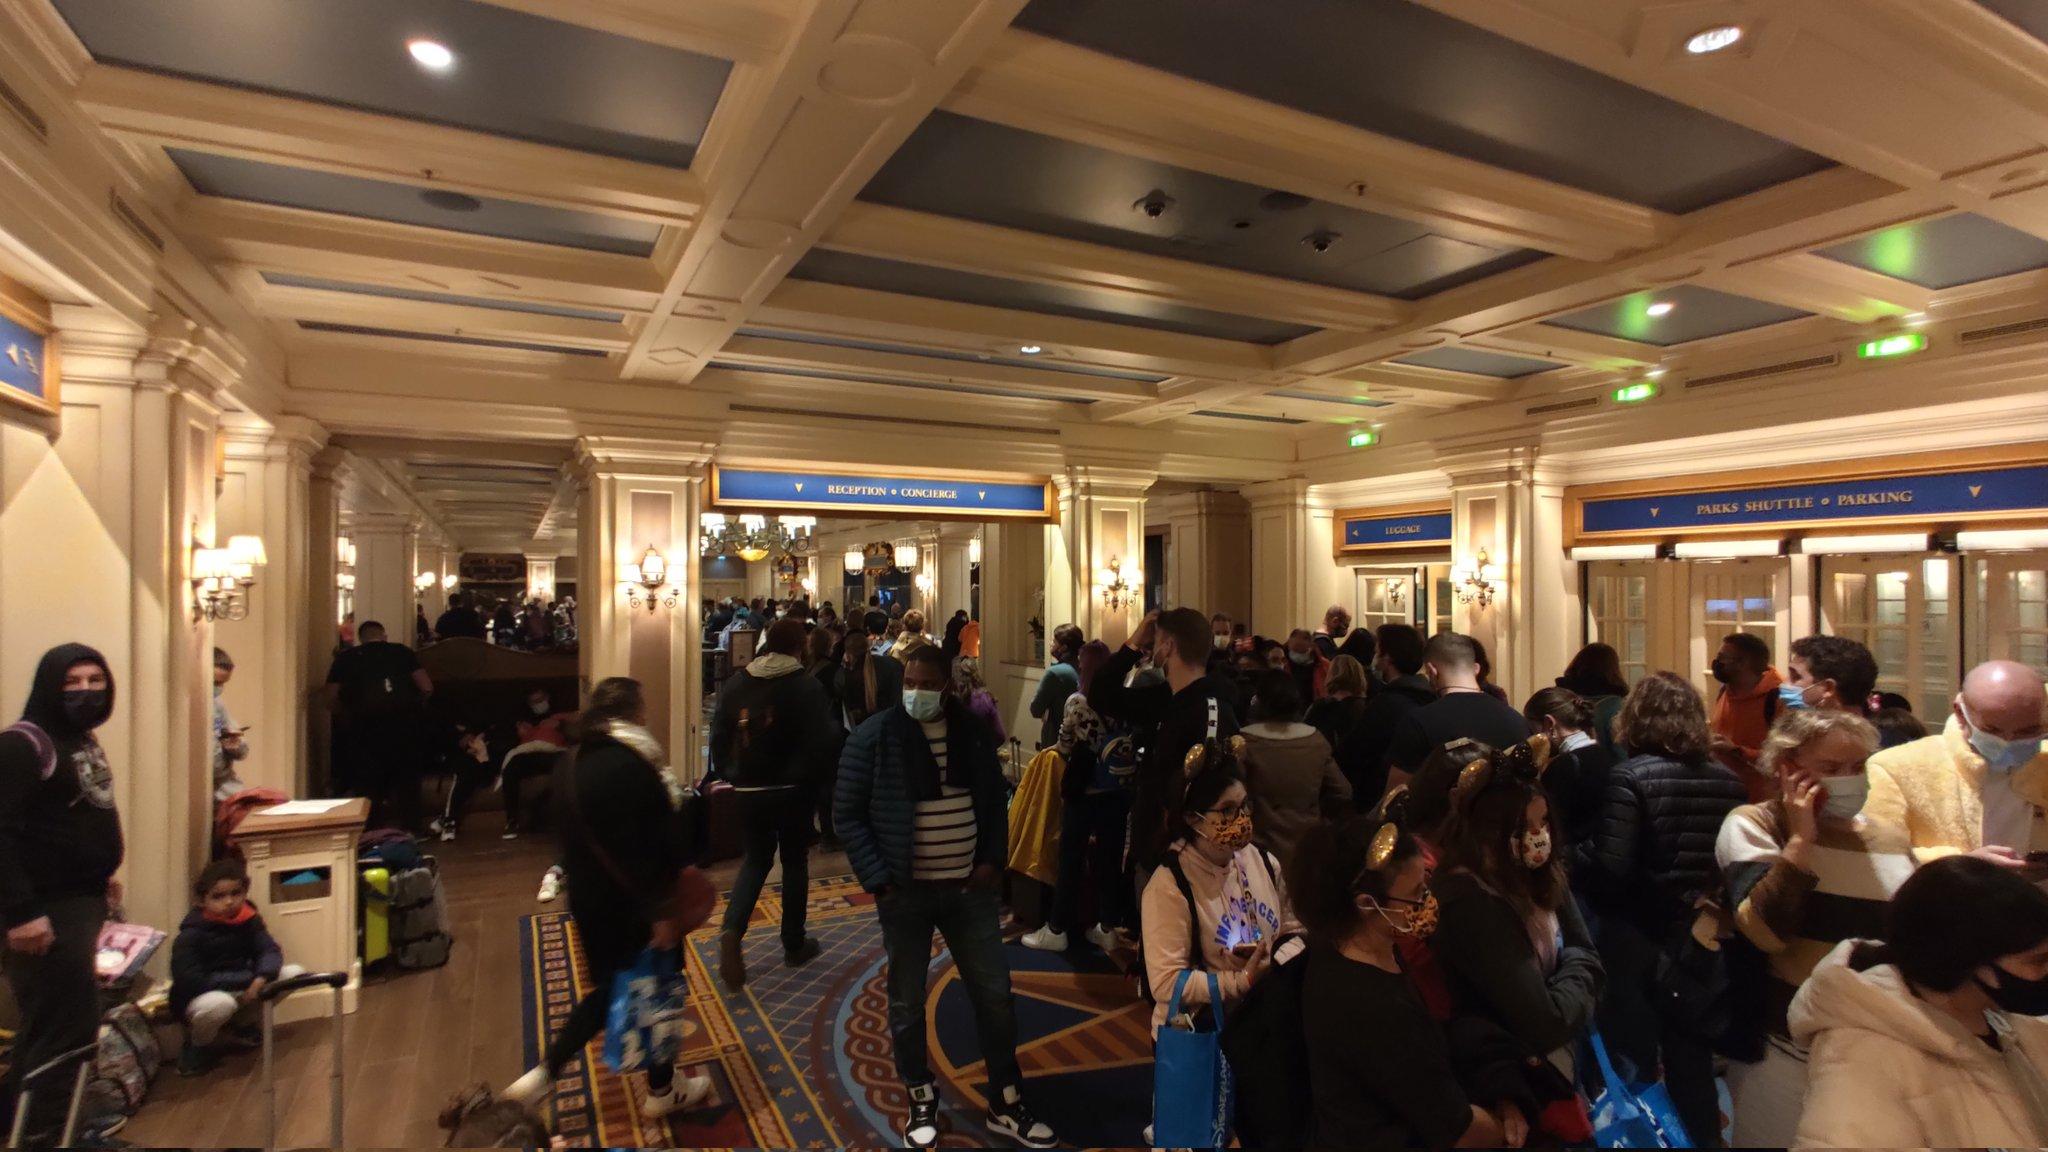 Greve cria caos no hotel Disney's Newport Bay Club